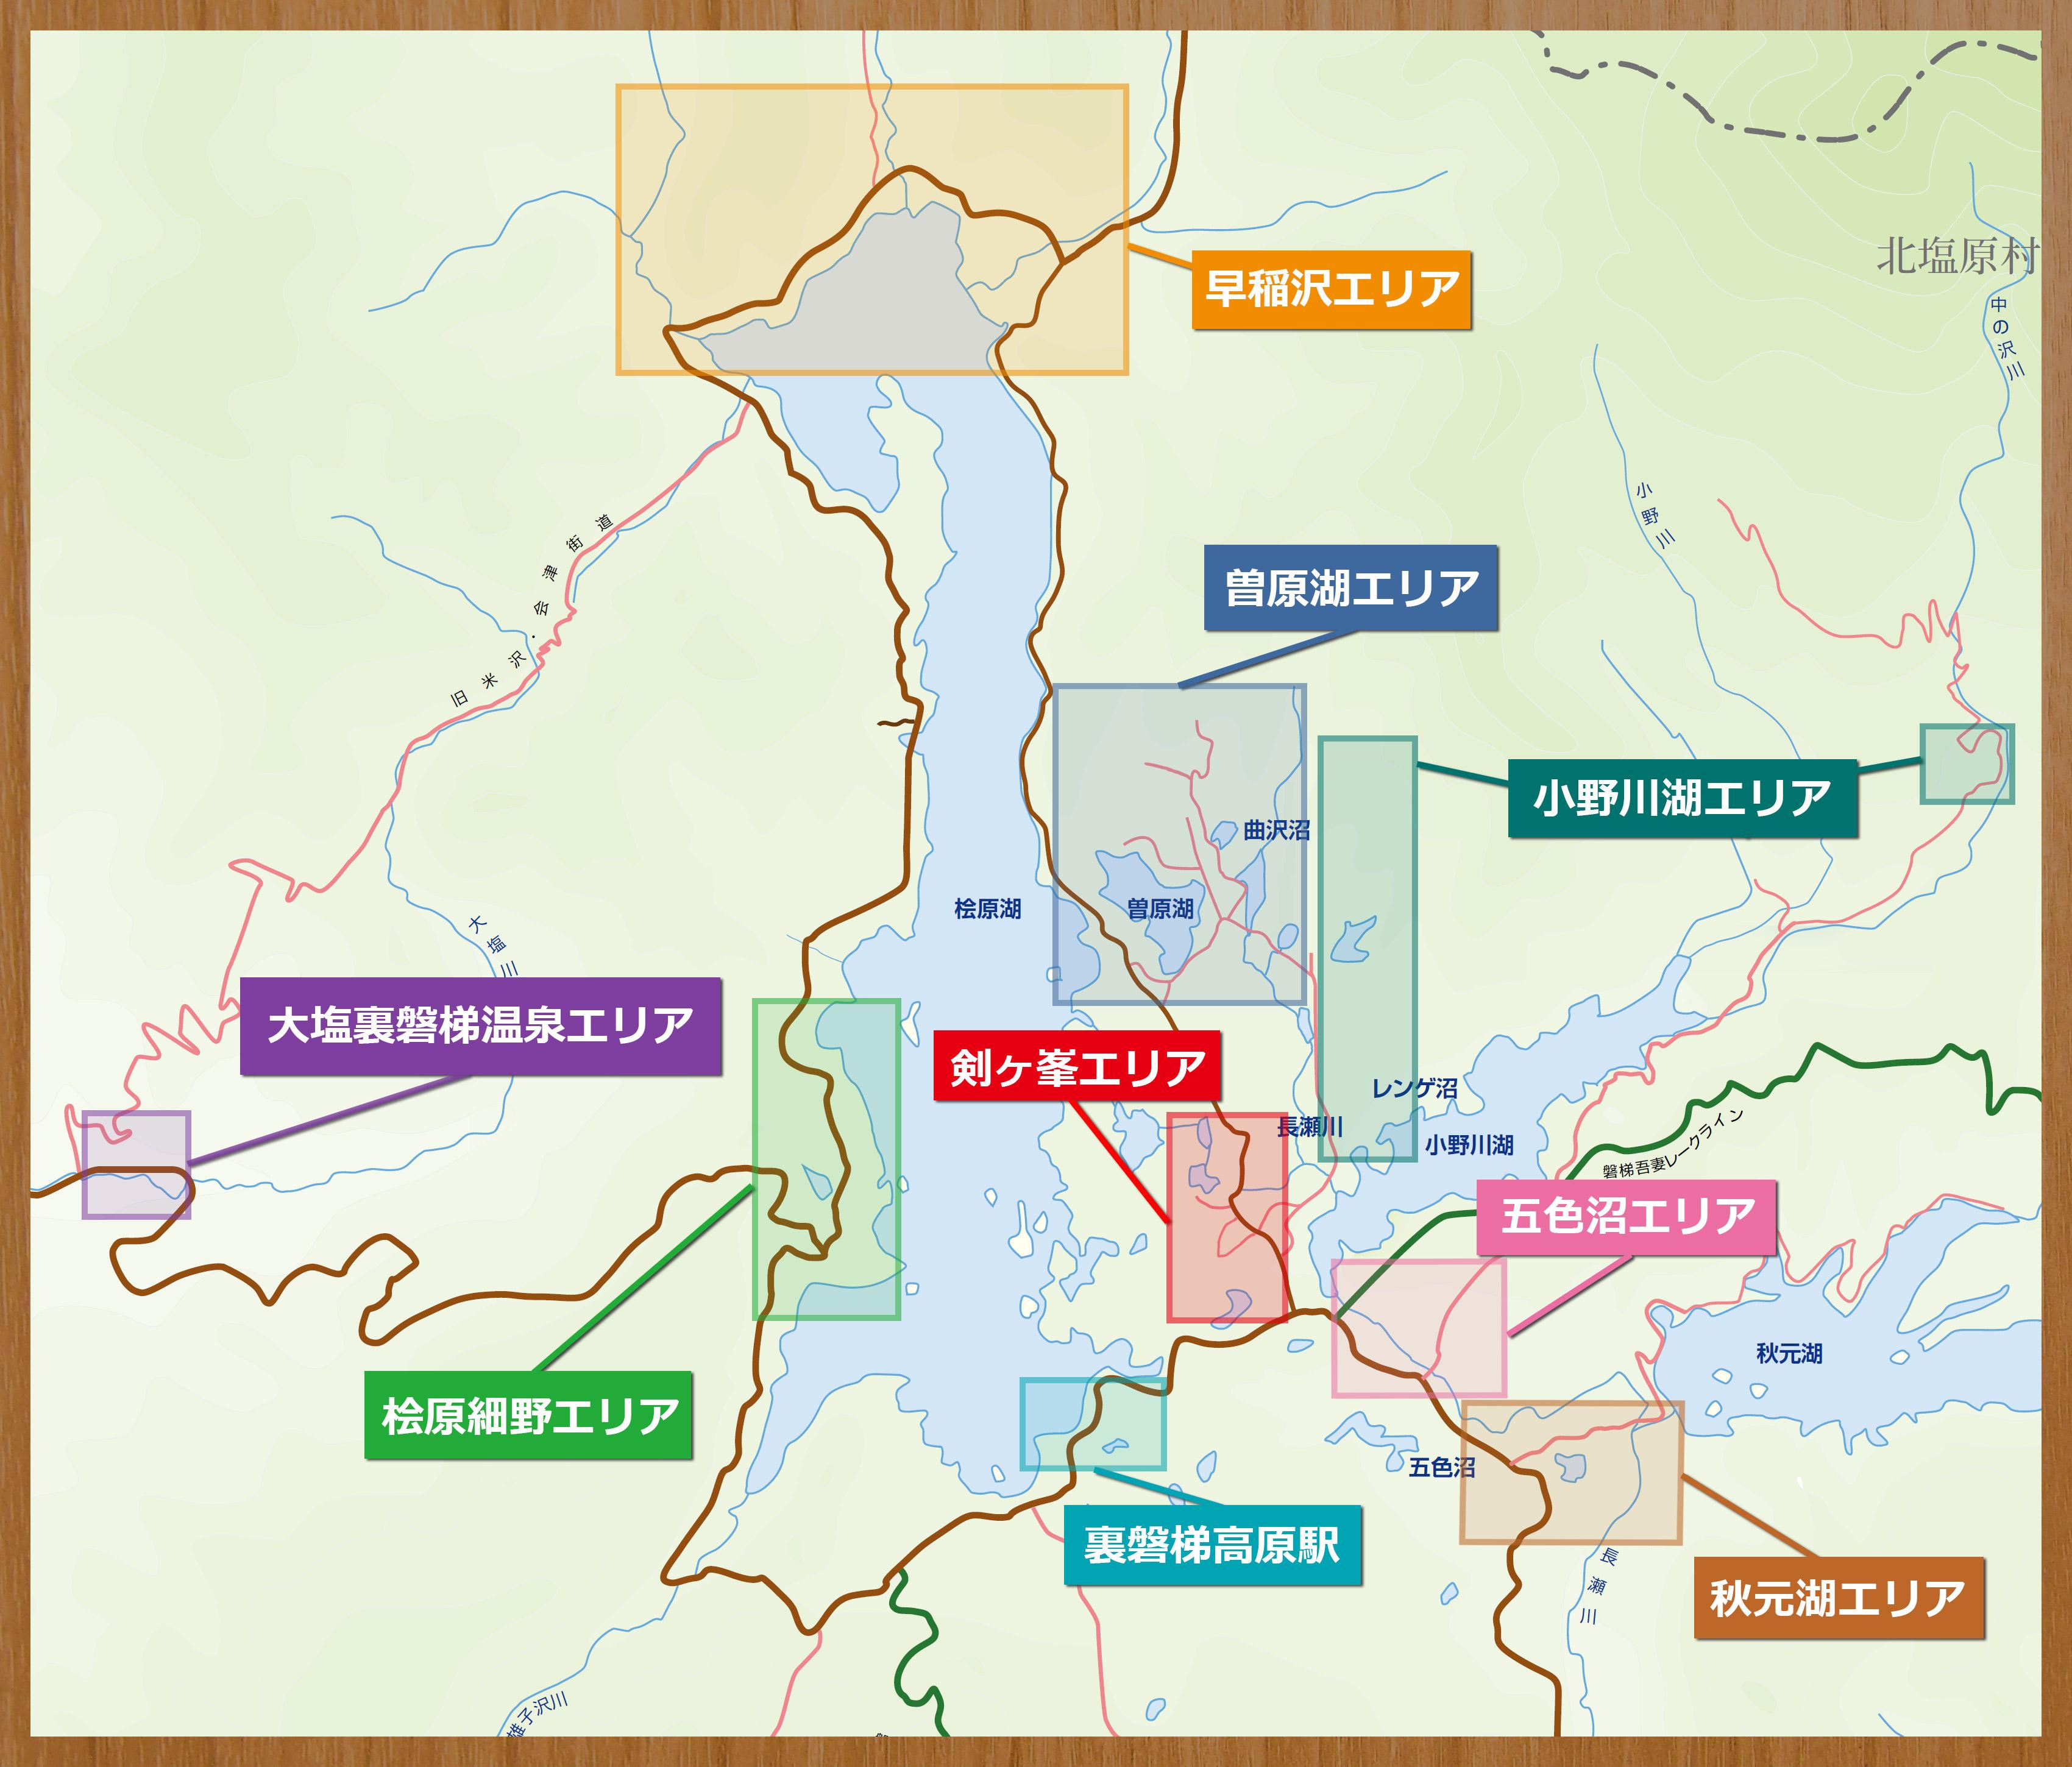 エリアマップの画像